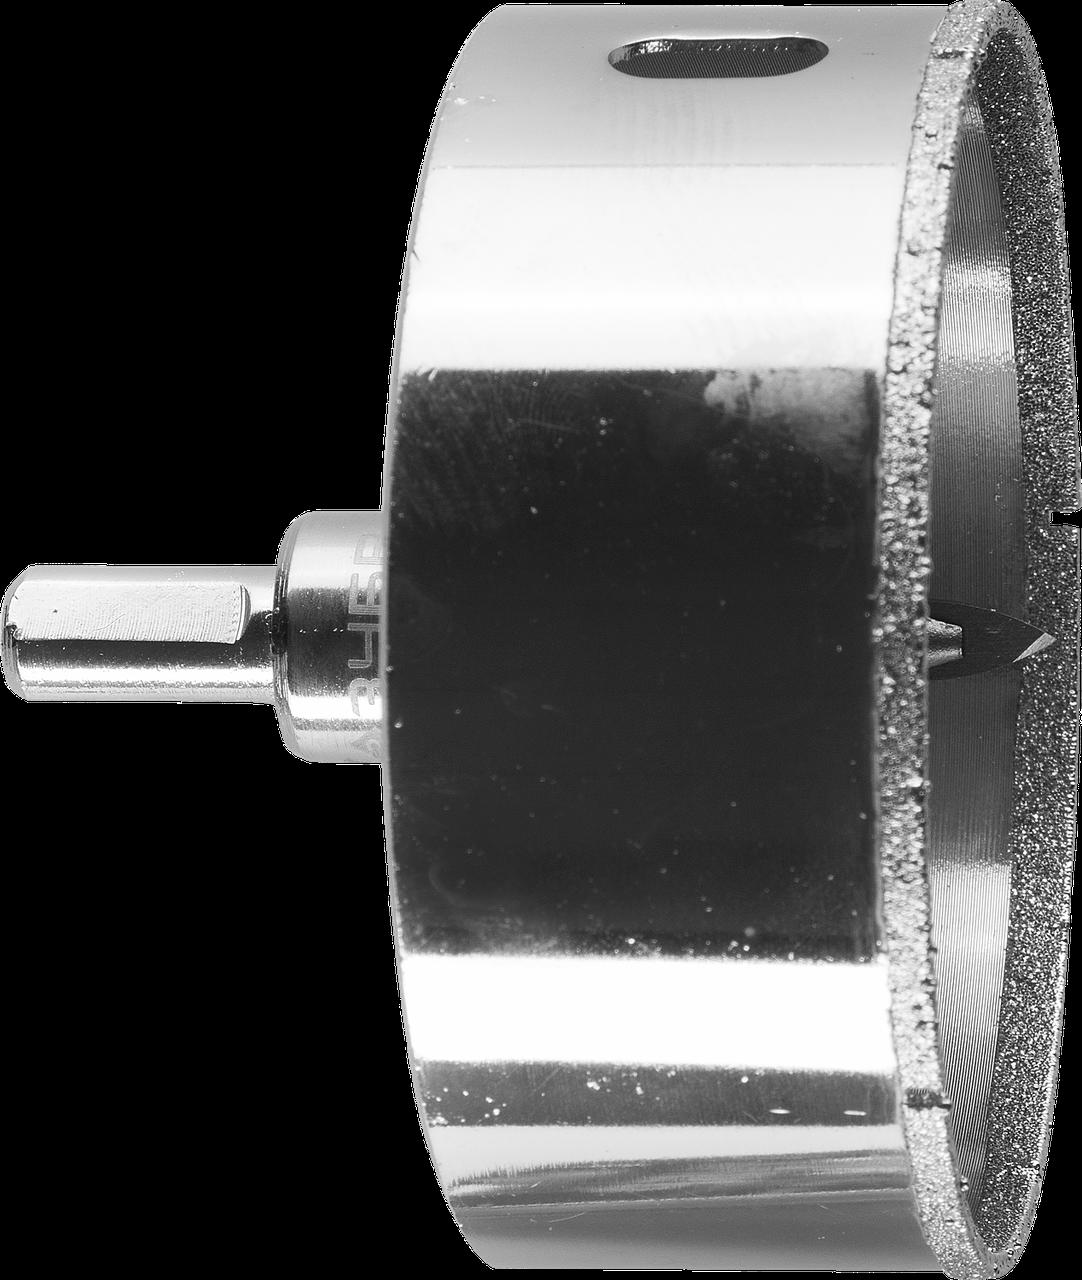 Коронка алмазная по кафелю и стеклу, d=90 мм, зерно Р 60, в сборе с центрирующим сверлом и имбусовым ключом,